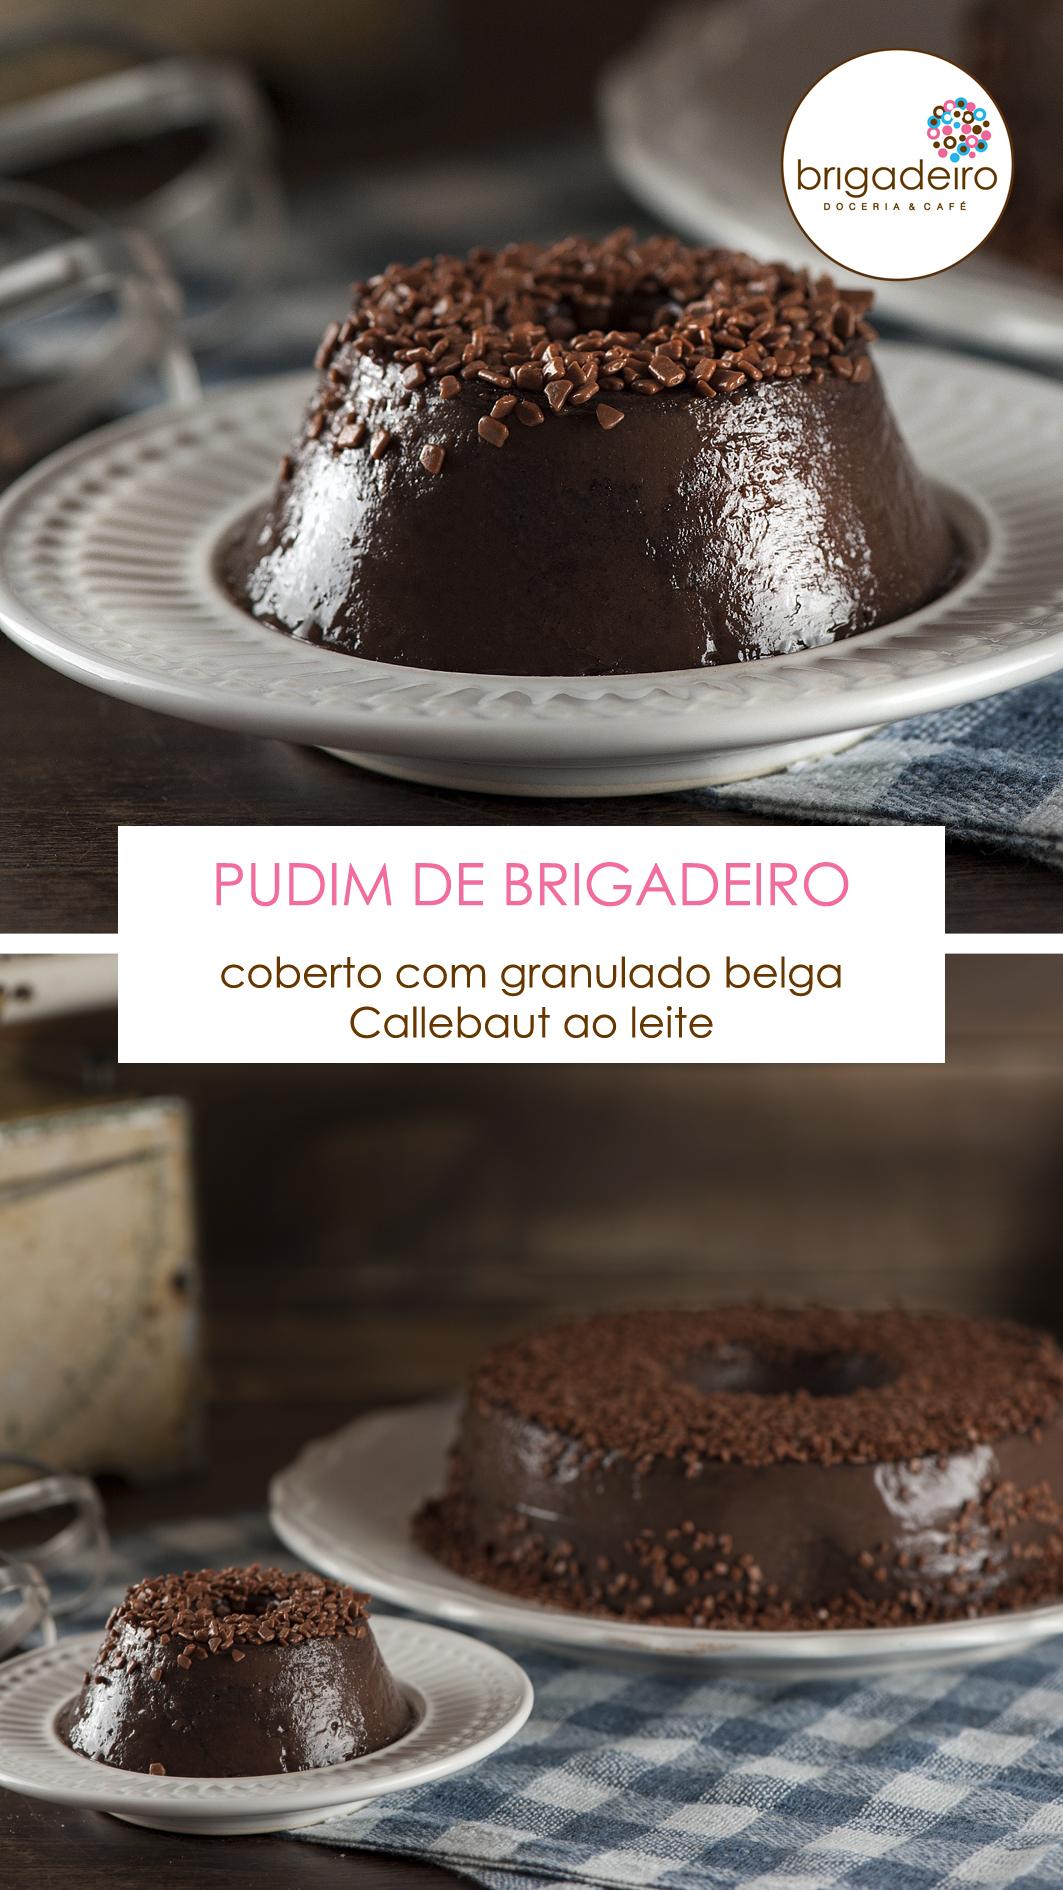 03 - PUDIM DE BRIGADEIRO